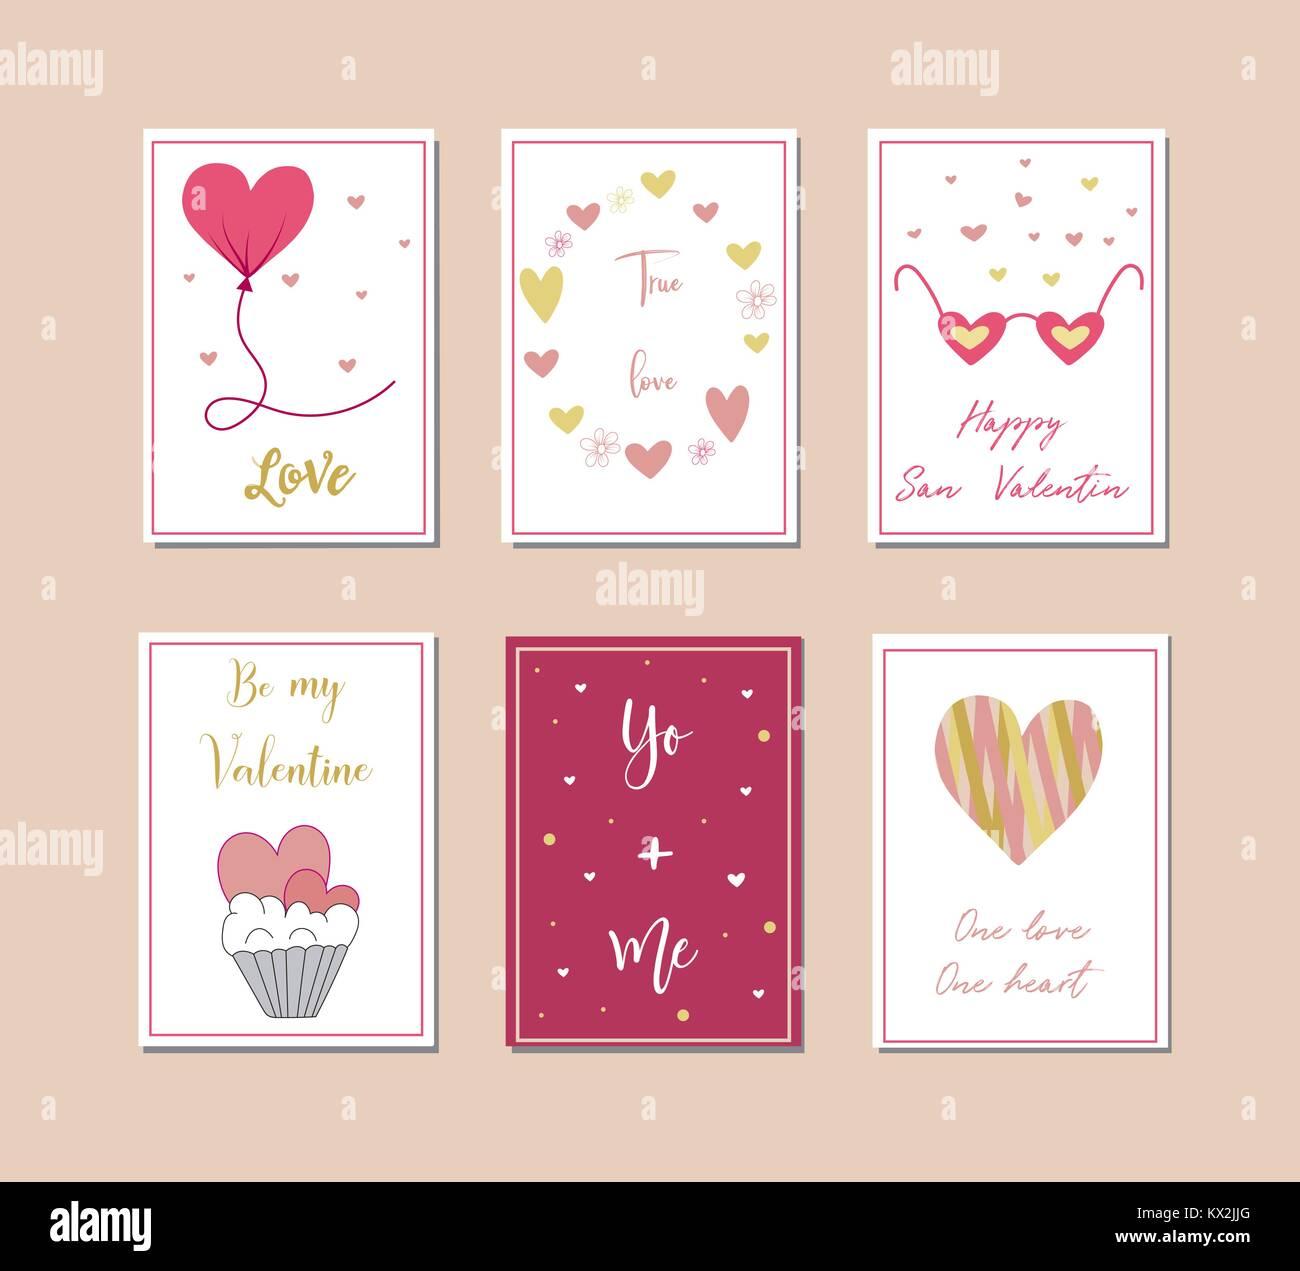 Groß Färben Von Valentines Ideen - Druckbare Malvorlagen - amaichi.info